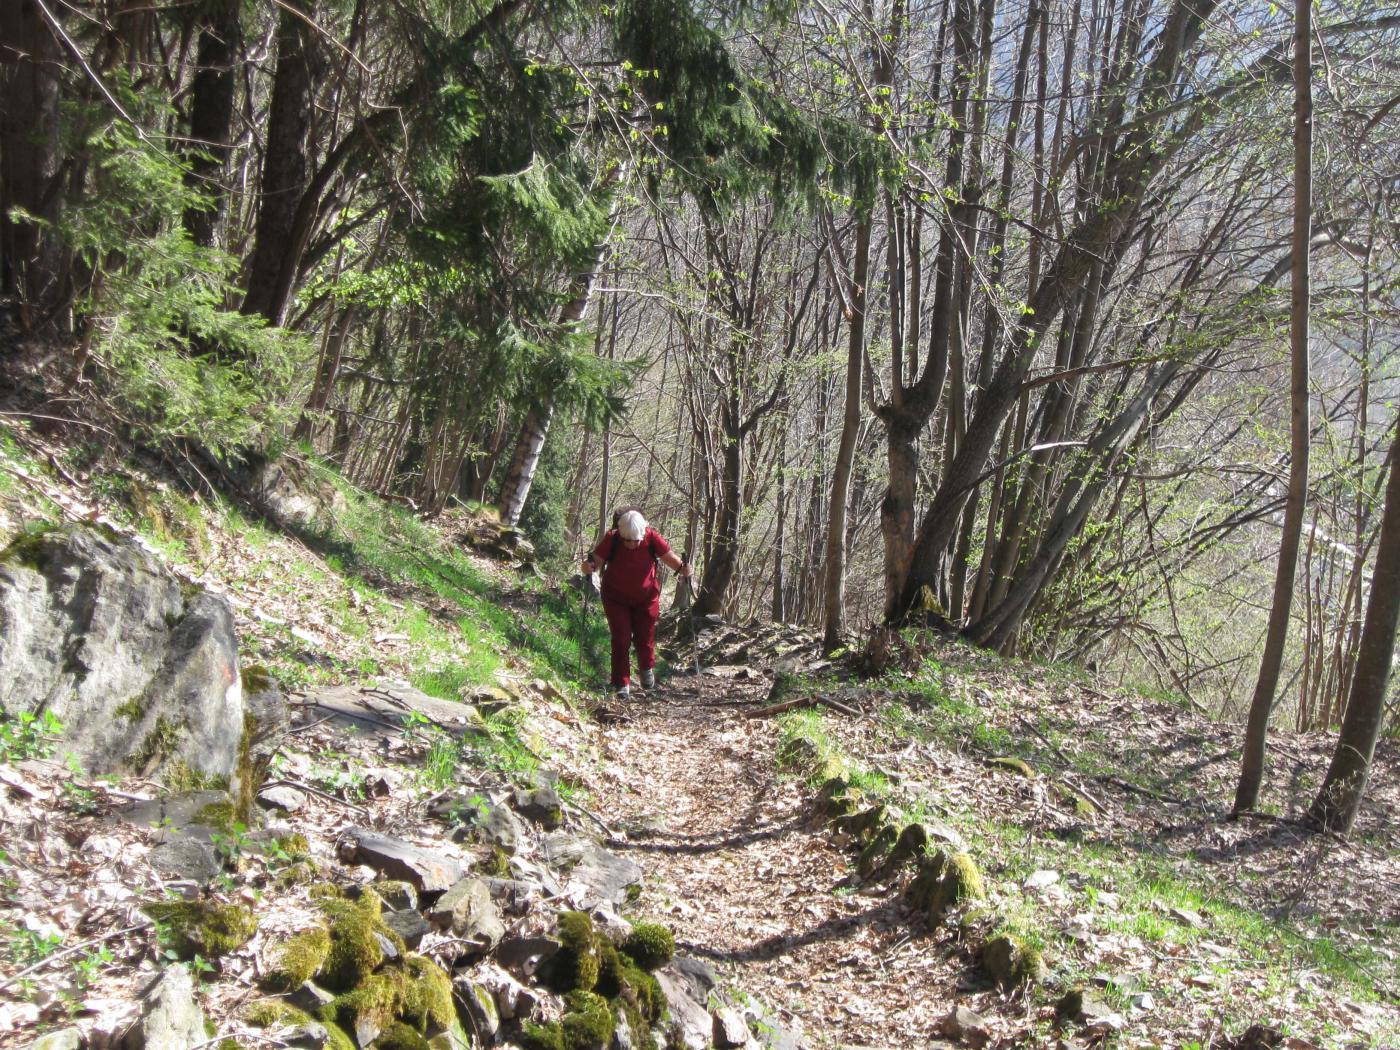 il bel sentiero appena dopo il paese di posio